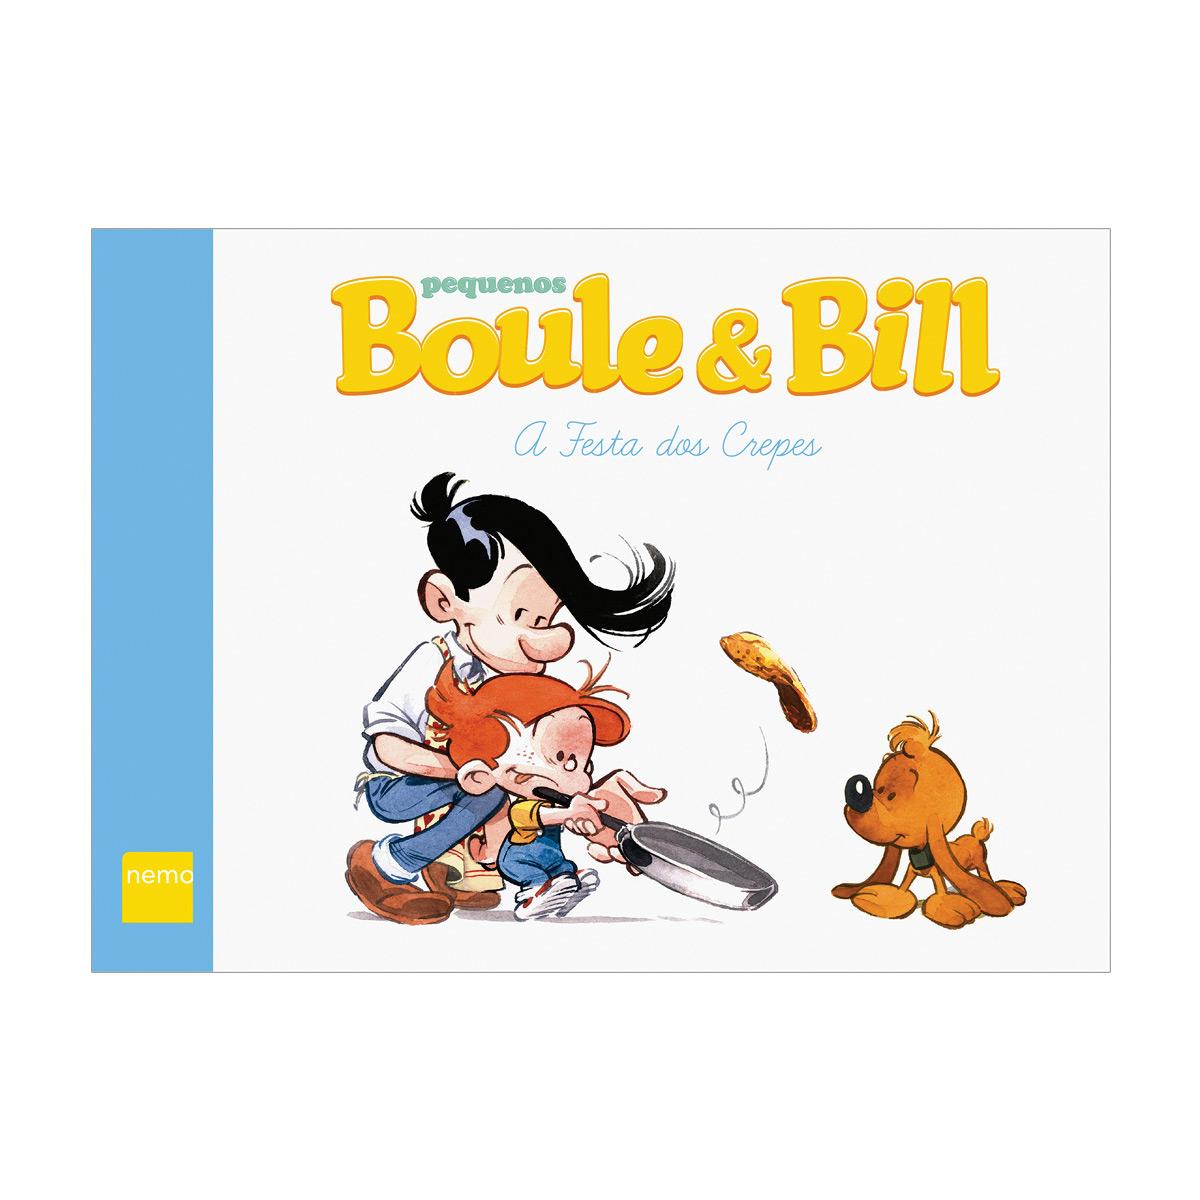 Livro Pequenos Boule & Bill A Festa dos Crepes